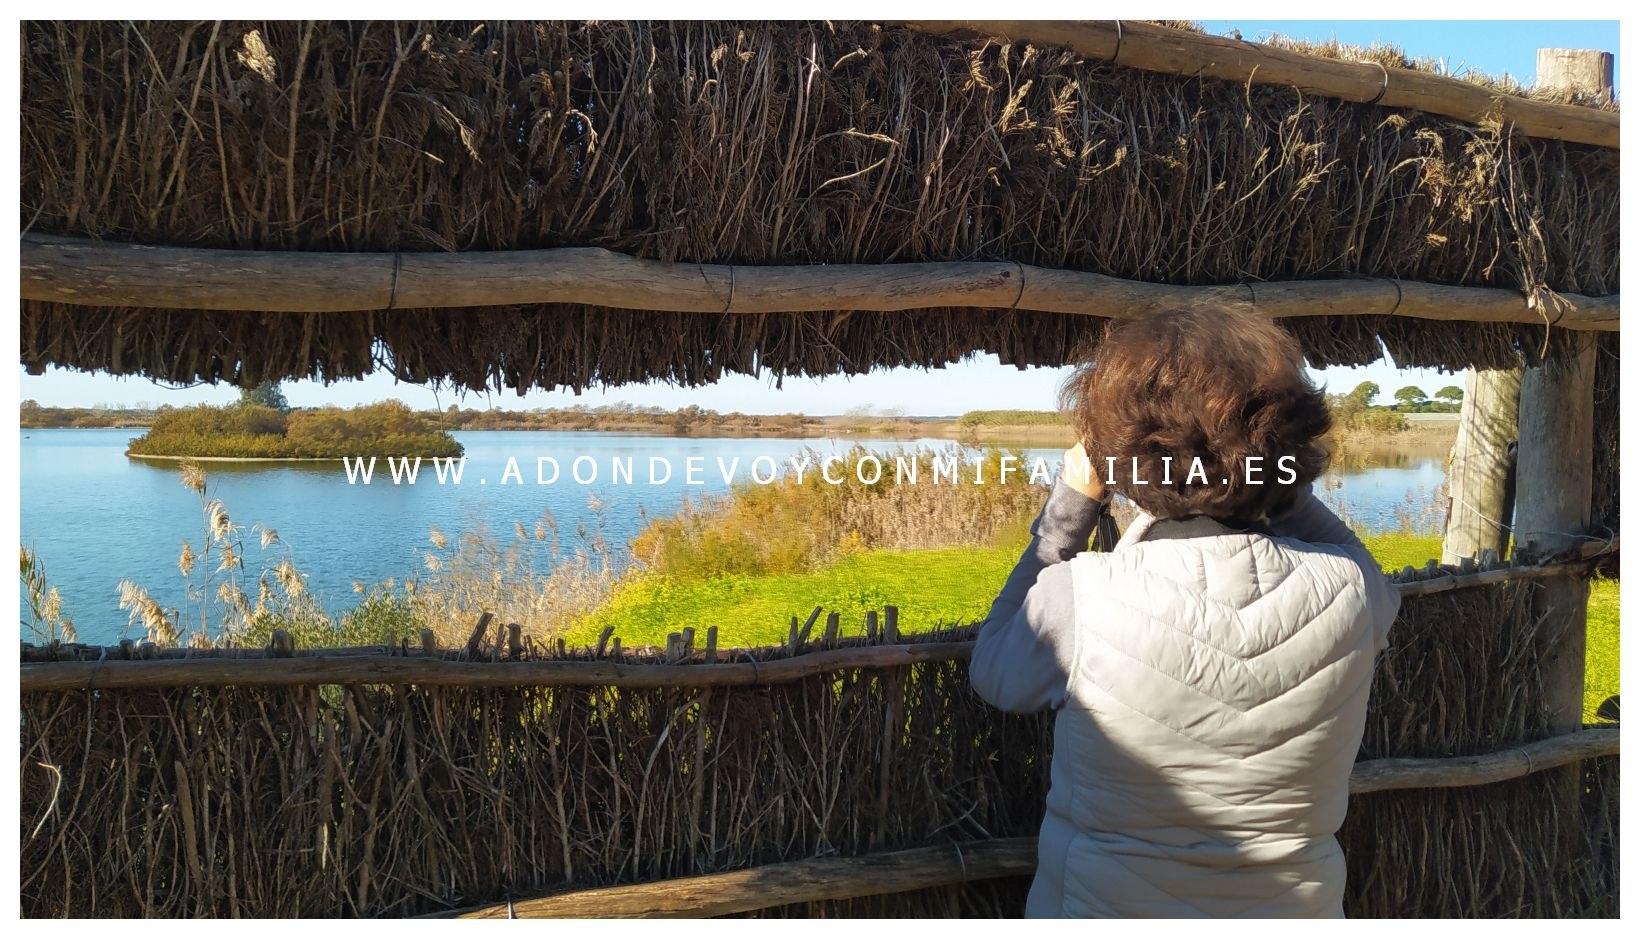 sendero-cerro-del-aguila-pinar-de-la-algaida-sanlucar-adondevoyconmifamilia-72